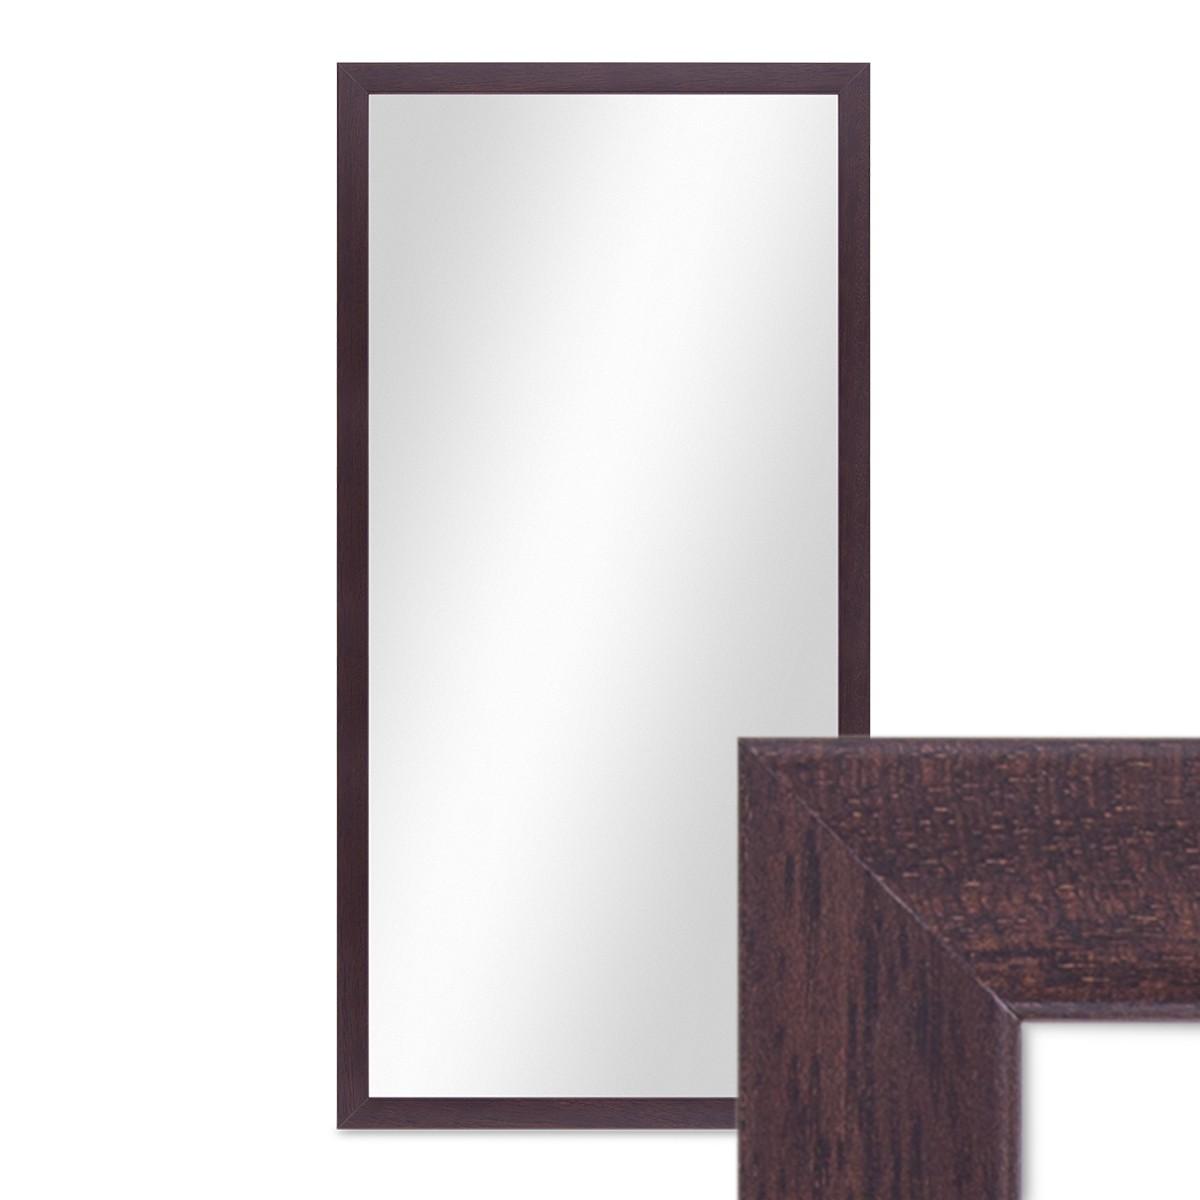 wand spiegel 33x63 cm im holzrahmen nuss optik dunkelbraun modern spiegelfl che 30x60 cm spiegel. Black Bedroom Furniture Sets. Home Design Ideas